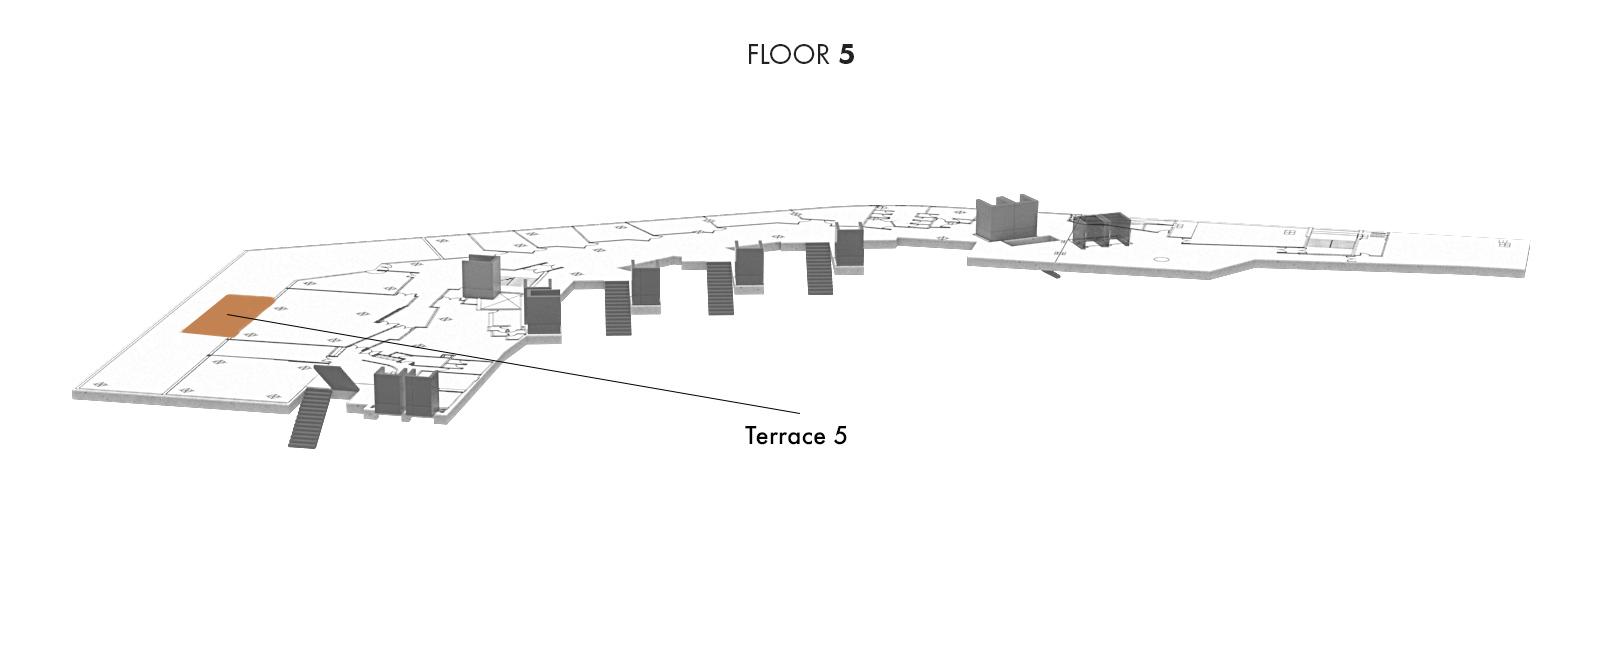 Terrace 5, Floor 5   Palacio Euskalduna Jauregia